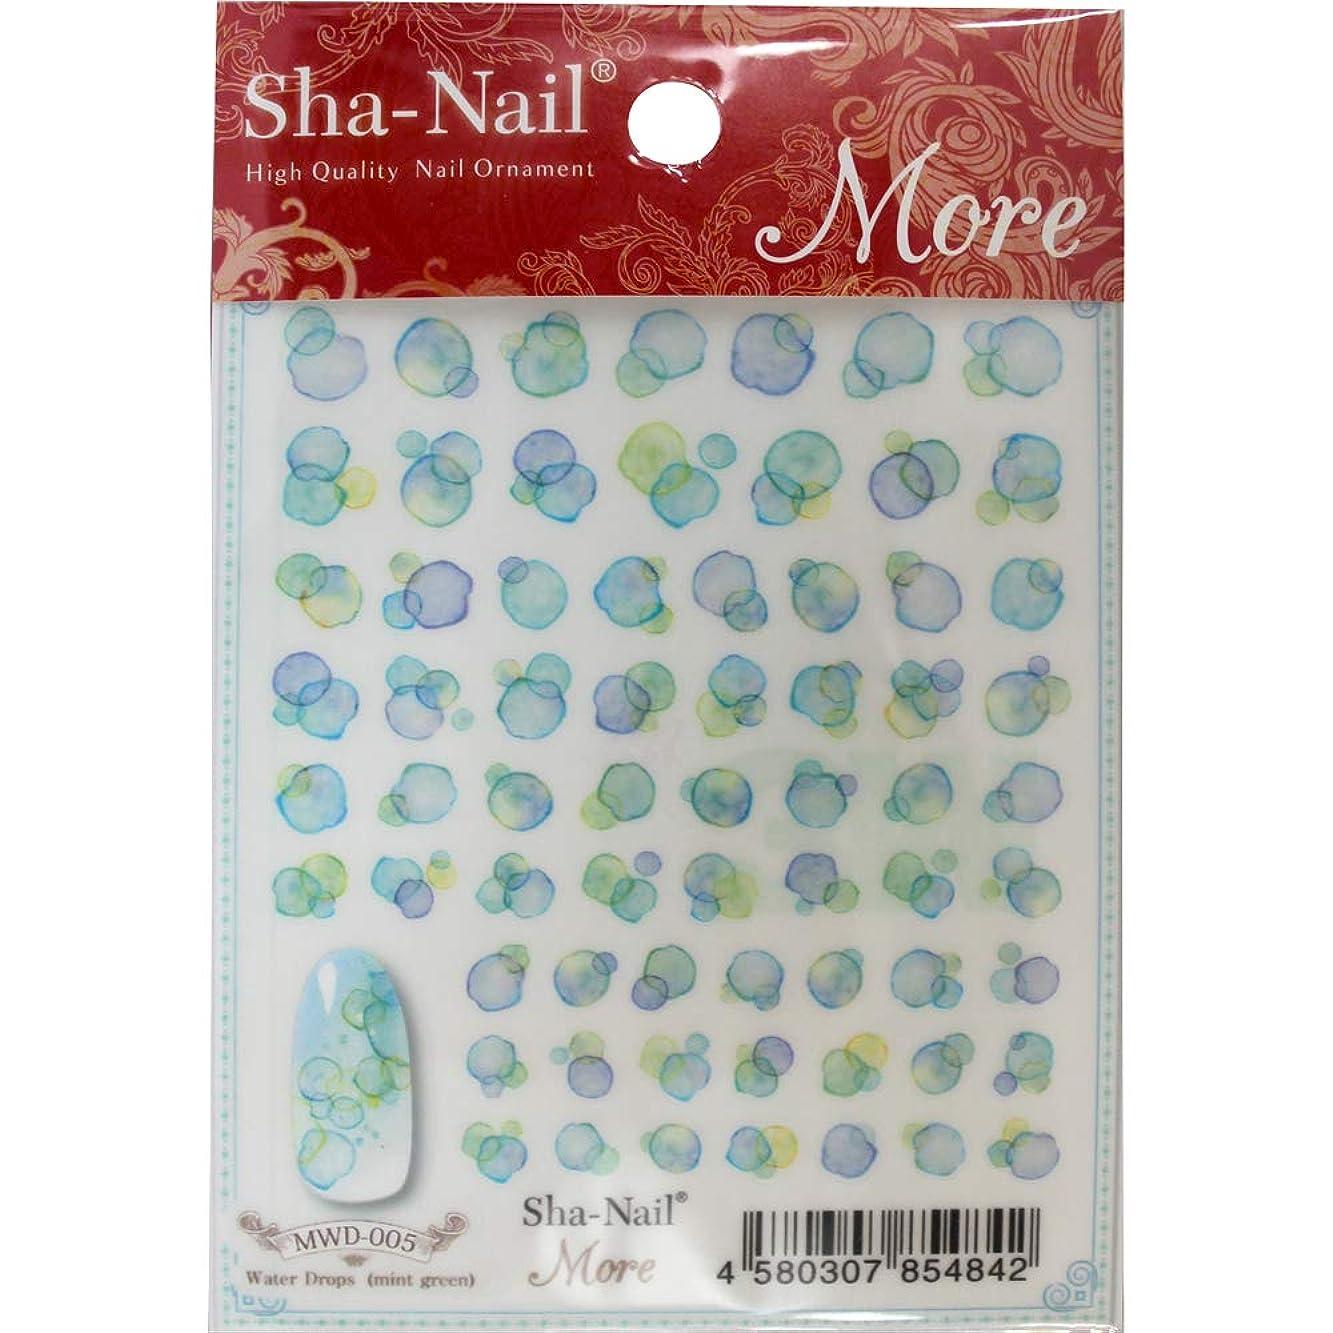 置き場共感する使用法Sha-Nail More ネイルシール ウォータードロップス(mintgreen) アート材